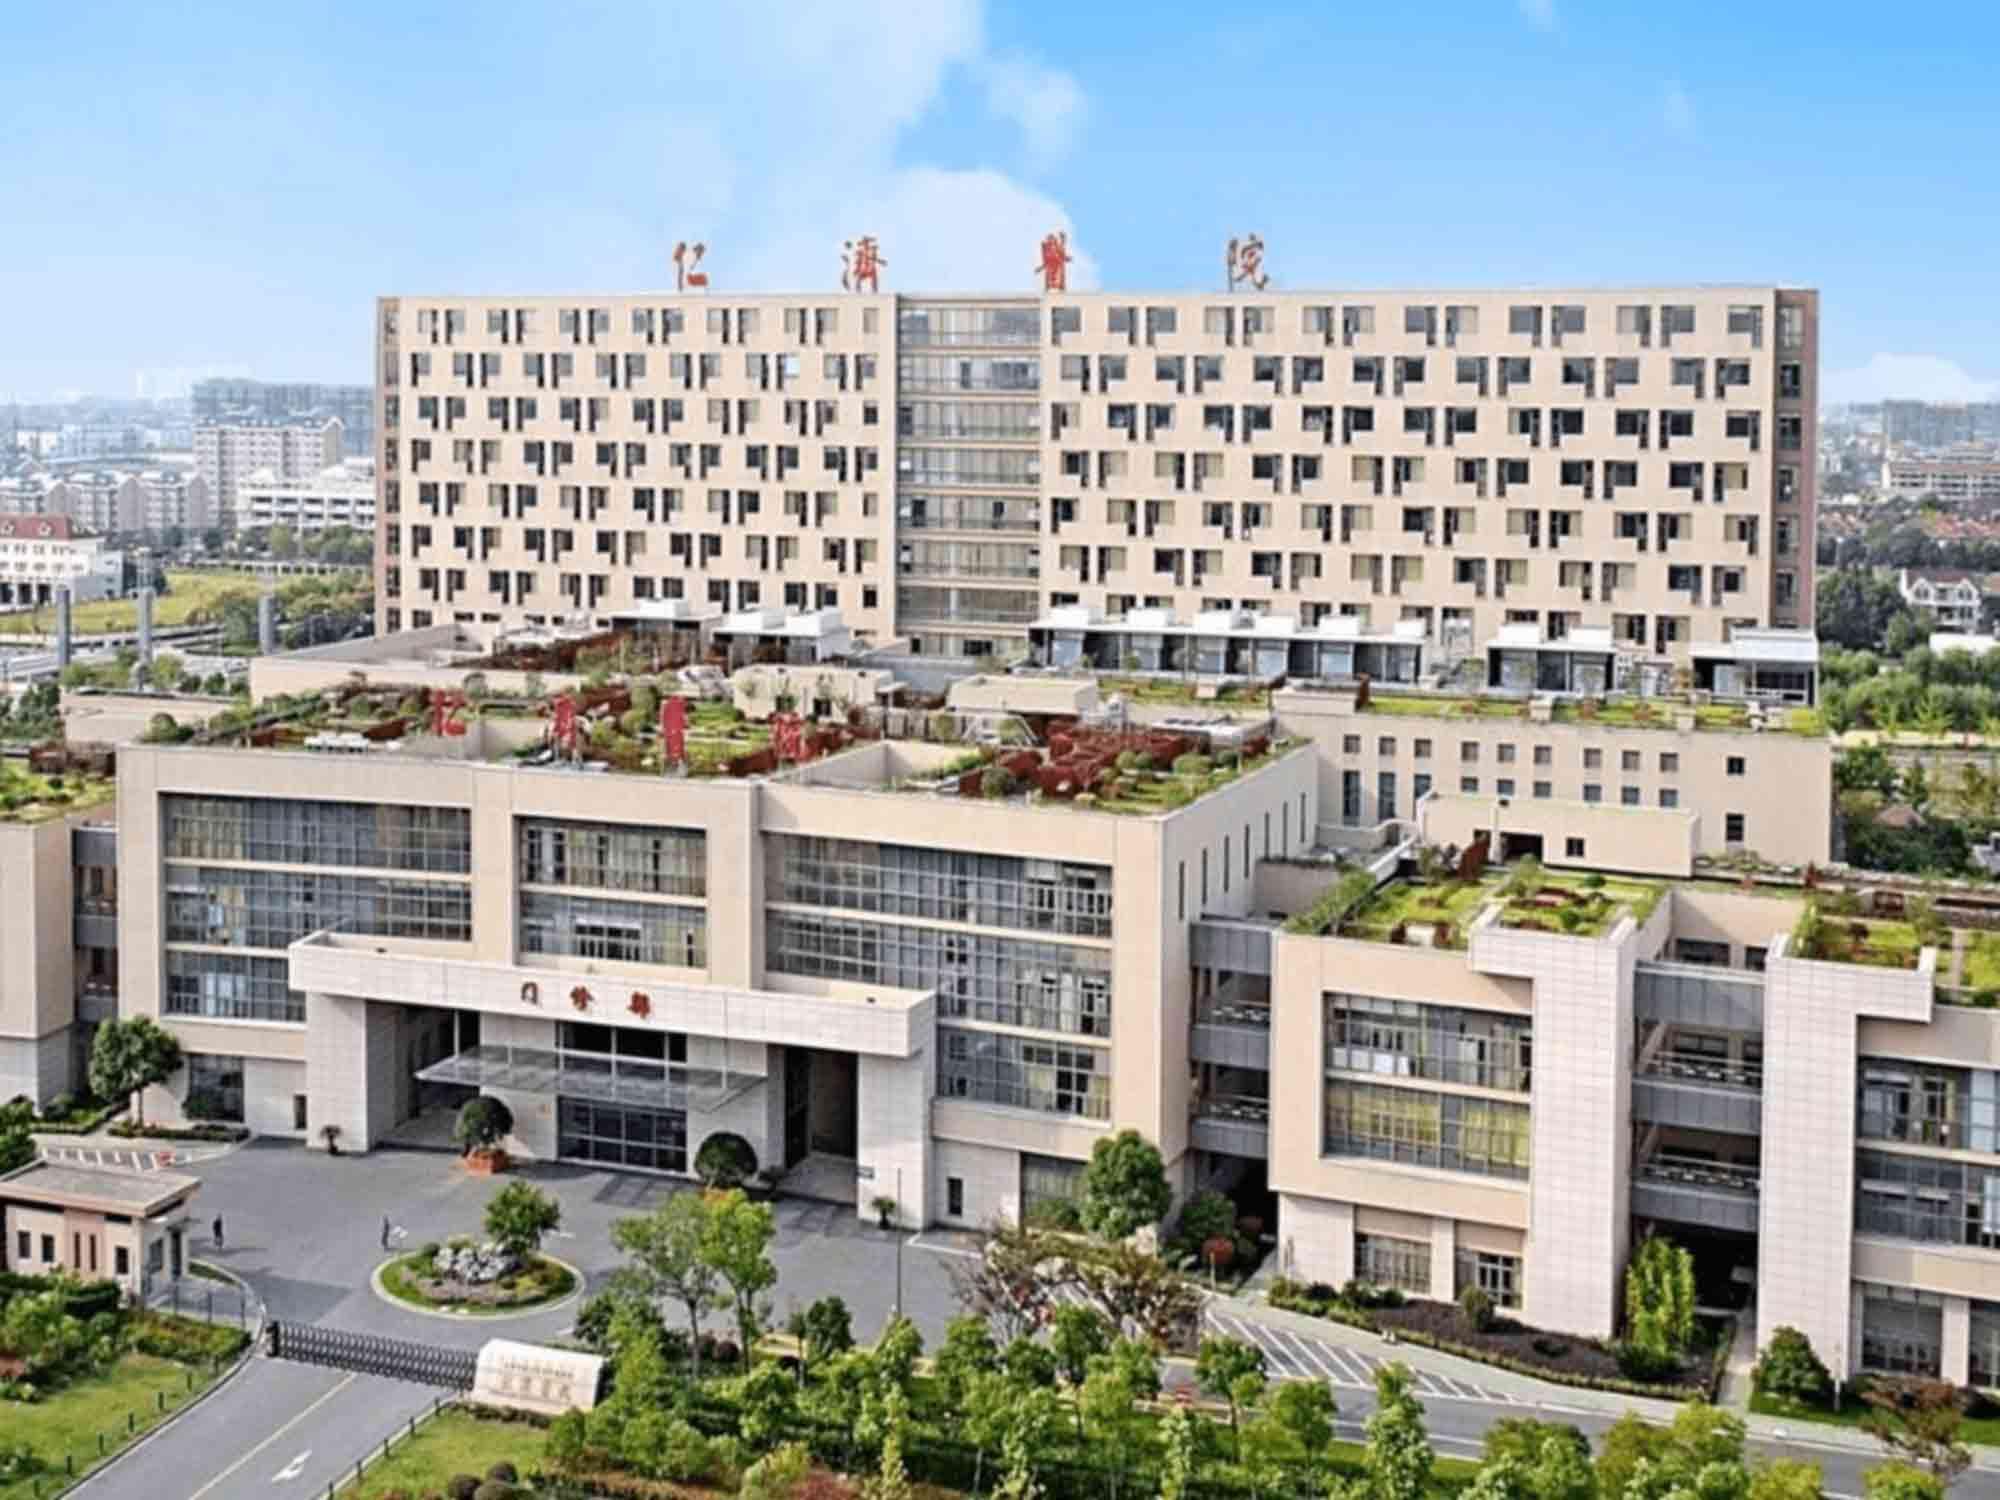 上海交通大学医学院附属仁济医院健康保健中心